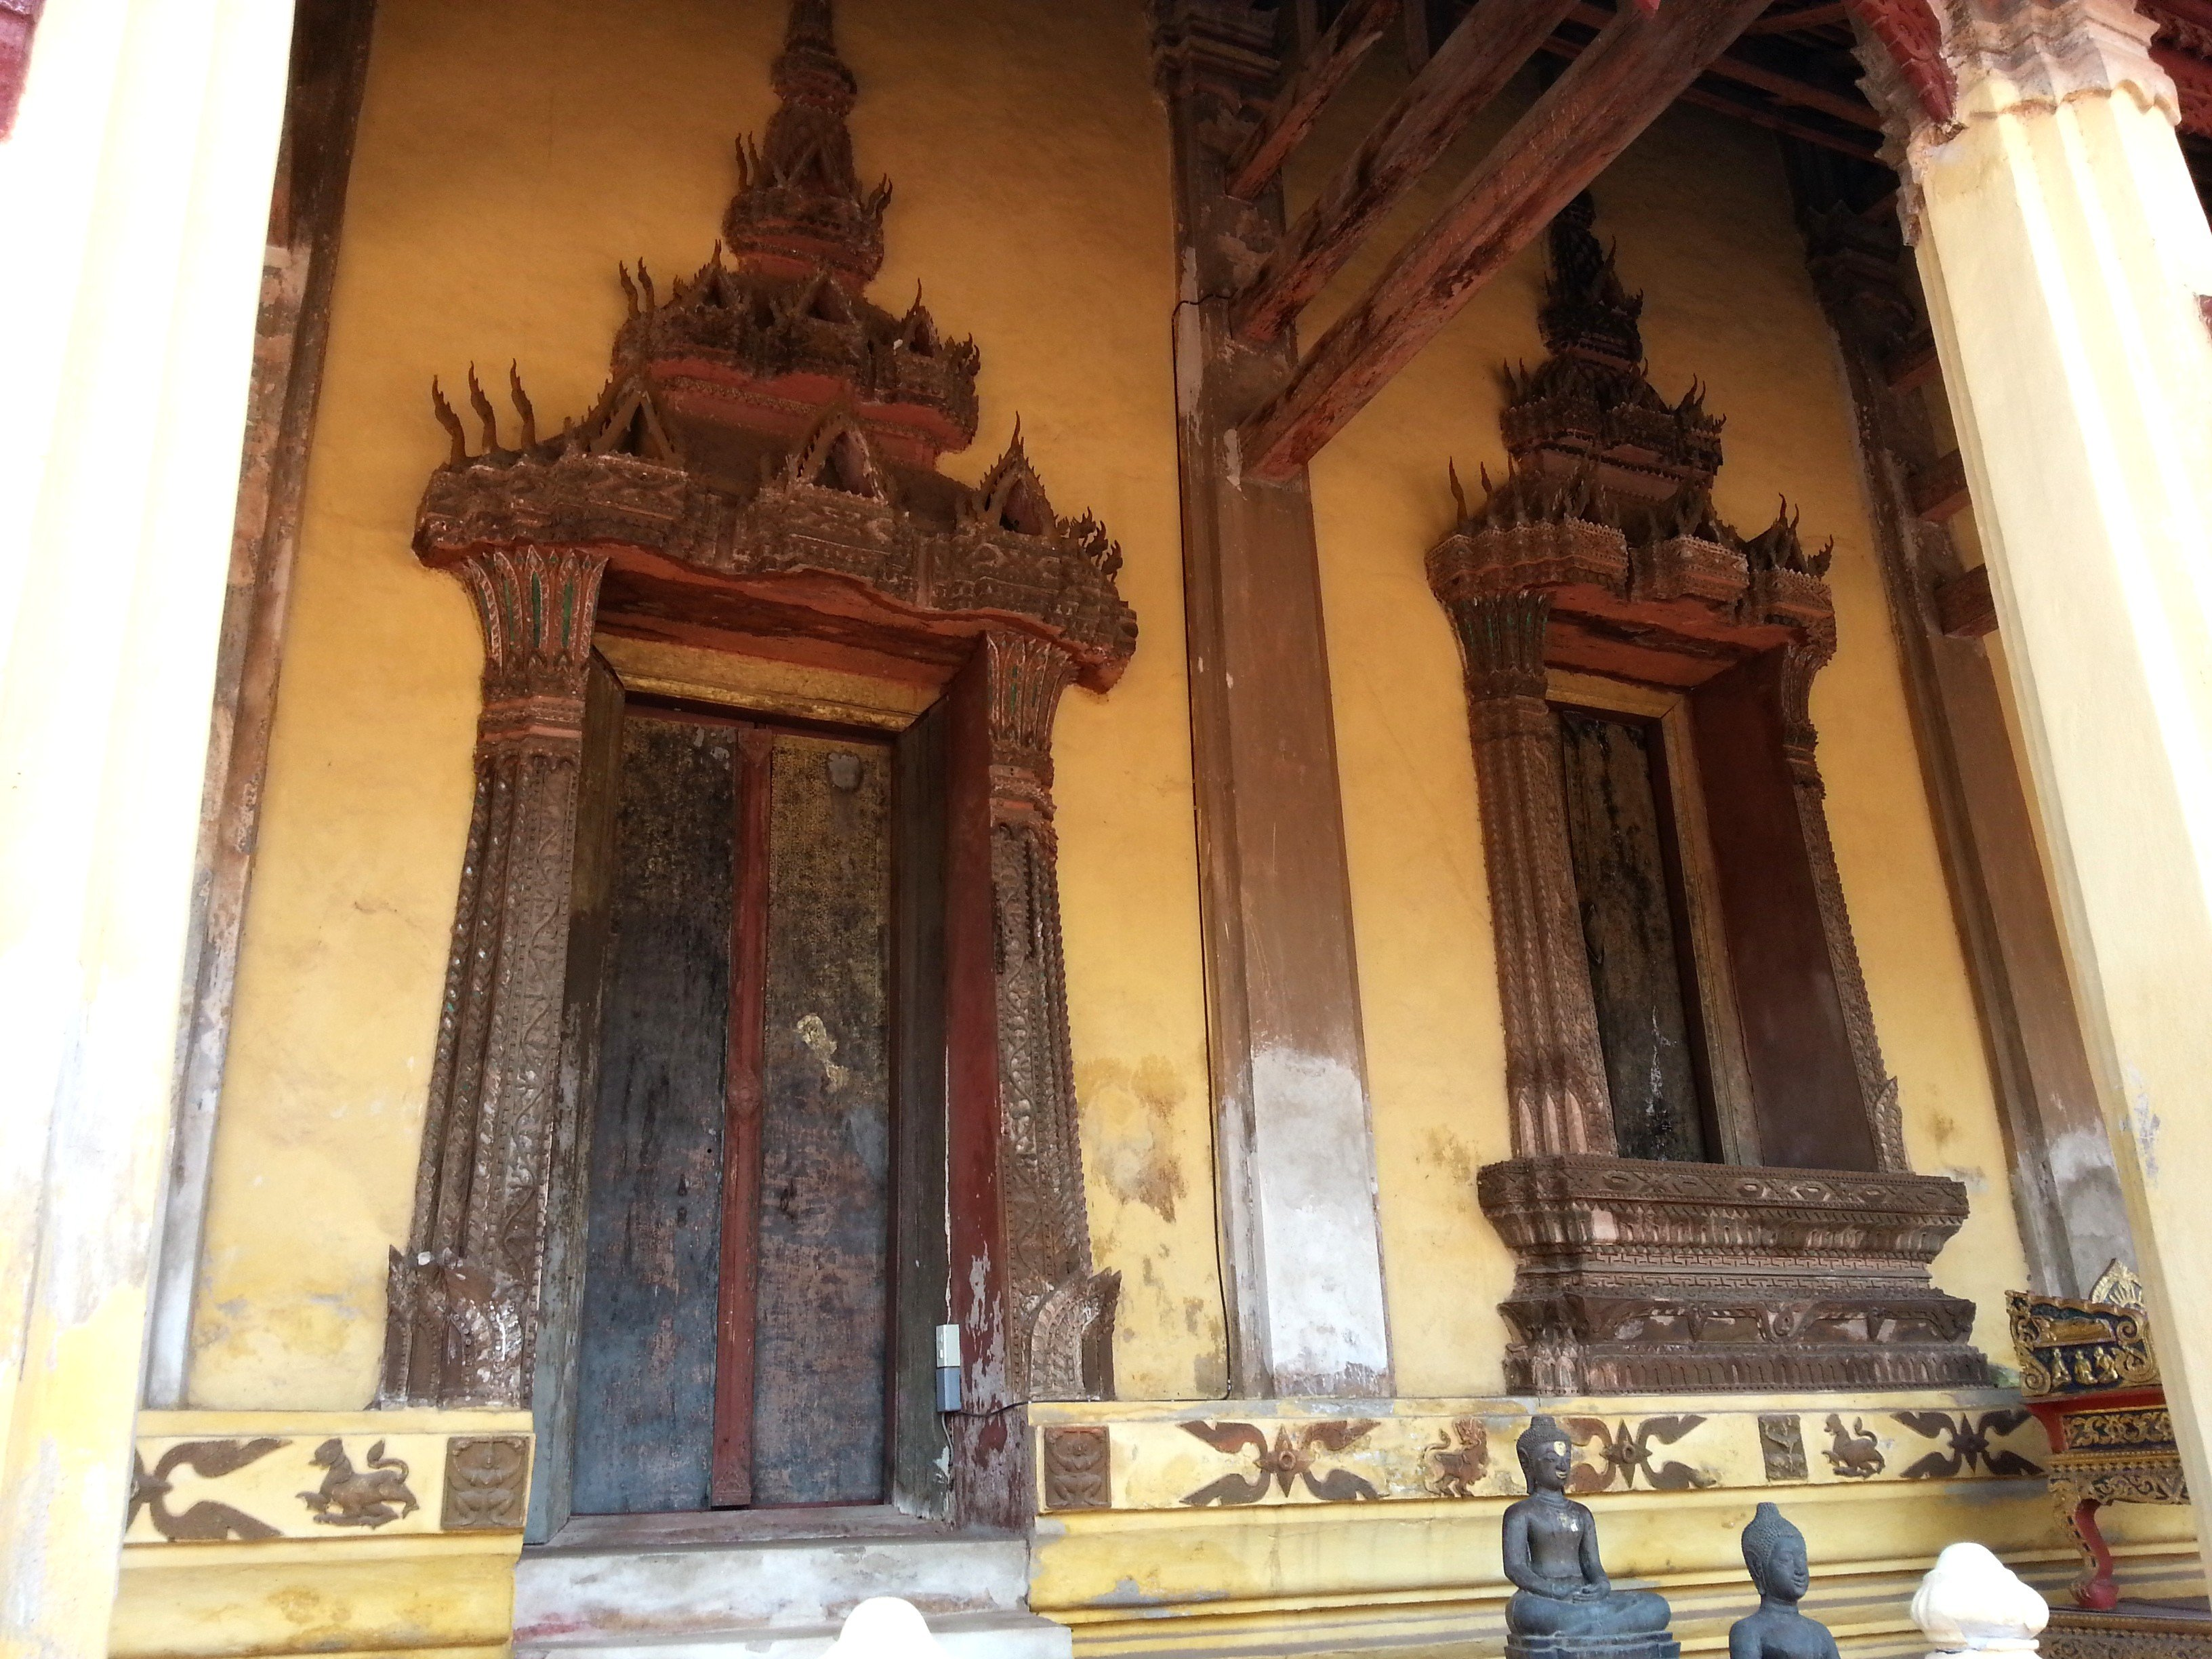 Doors on the temple at Wat Si Sa Ket